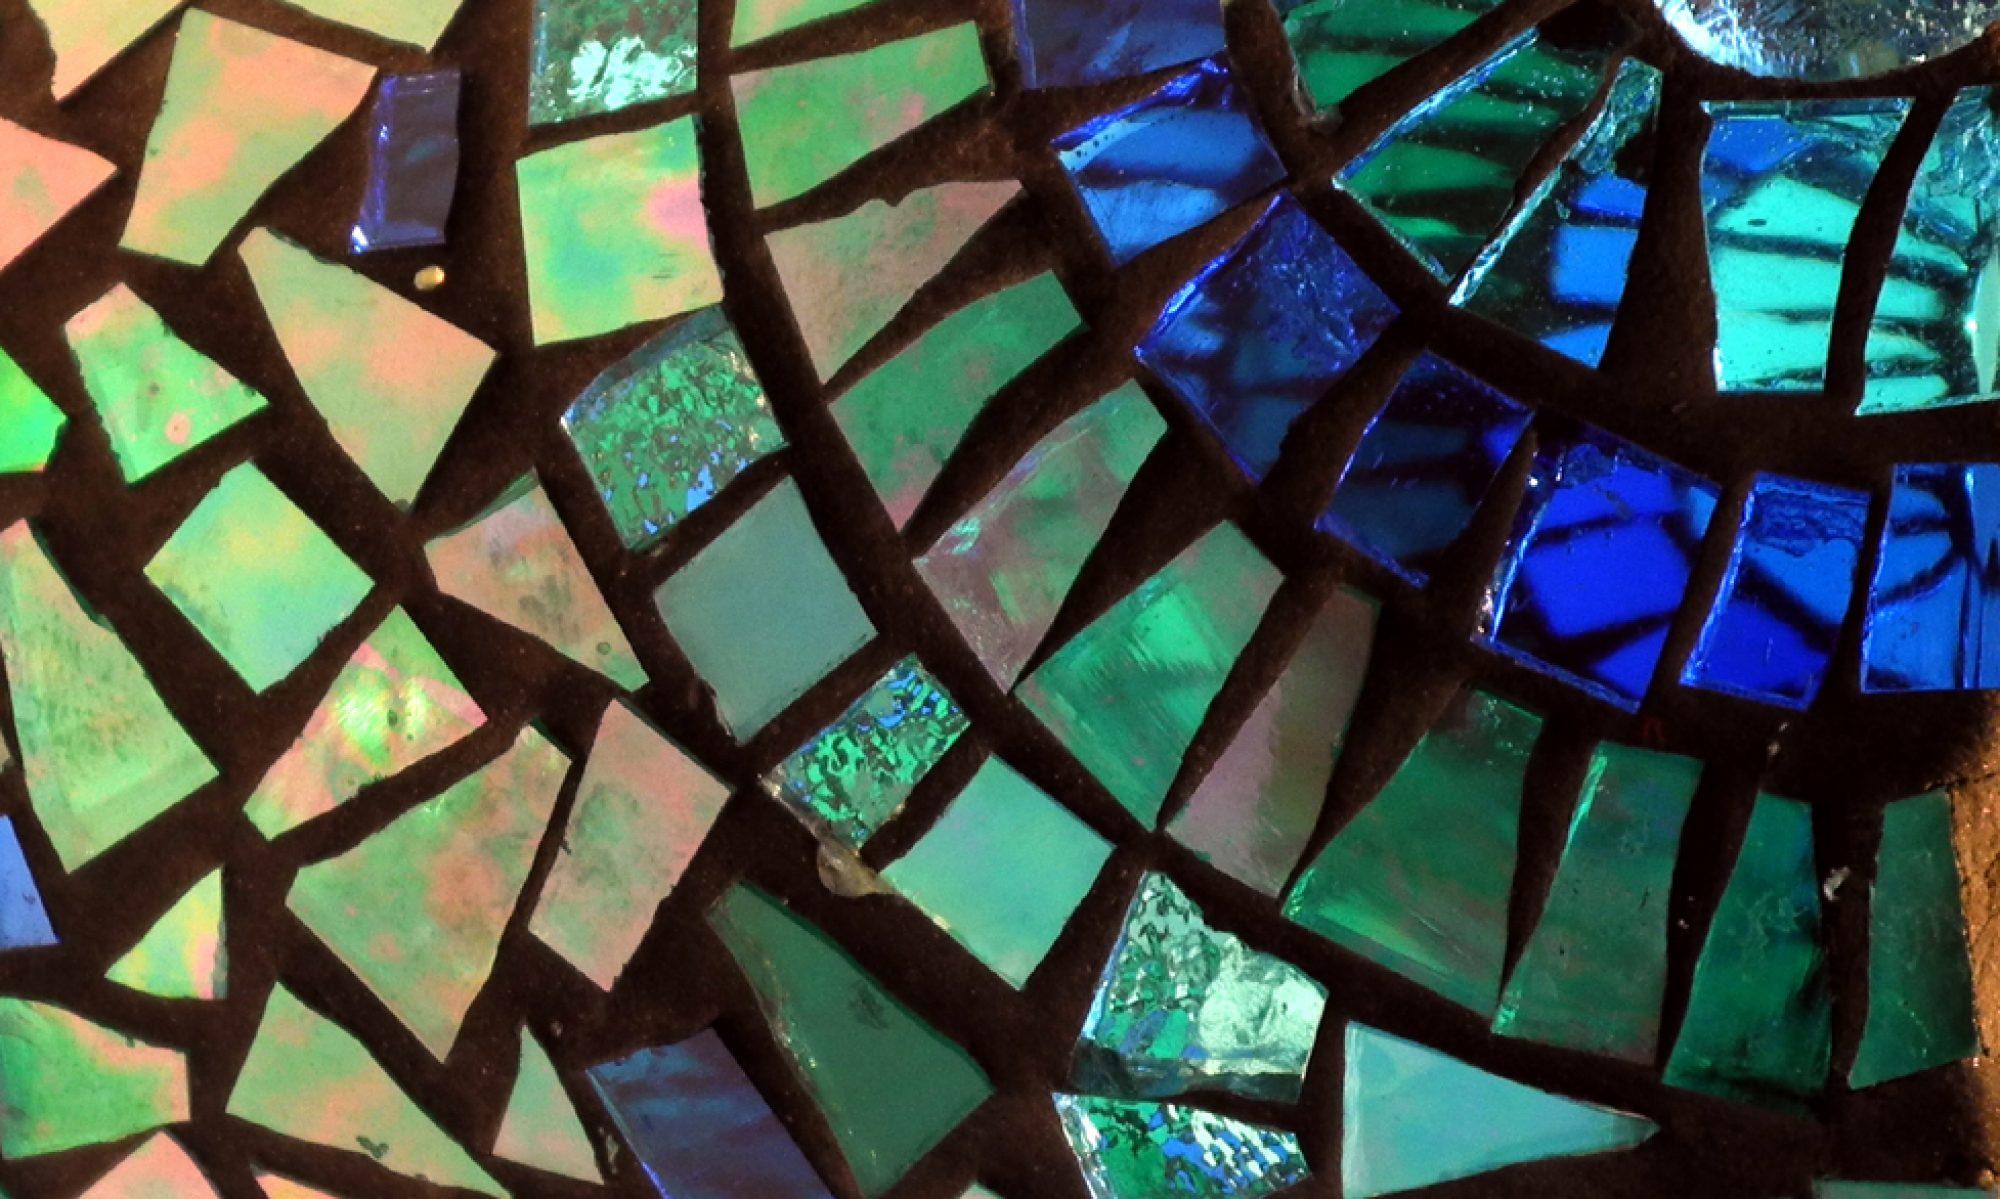 Mosaikzauber